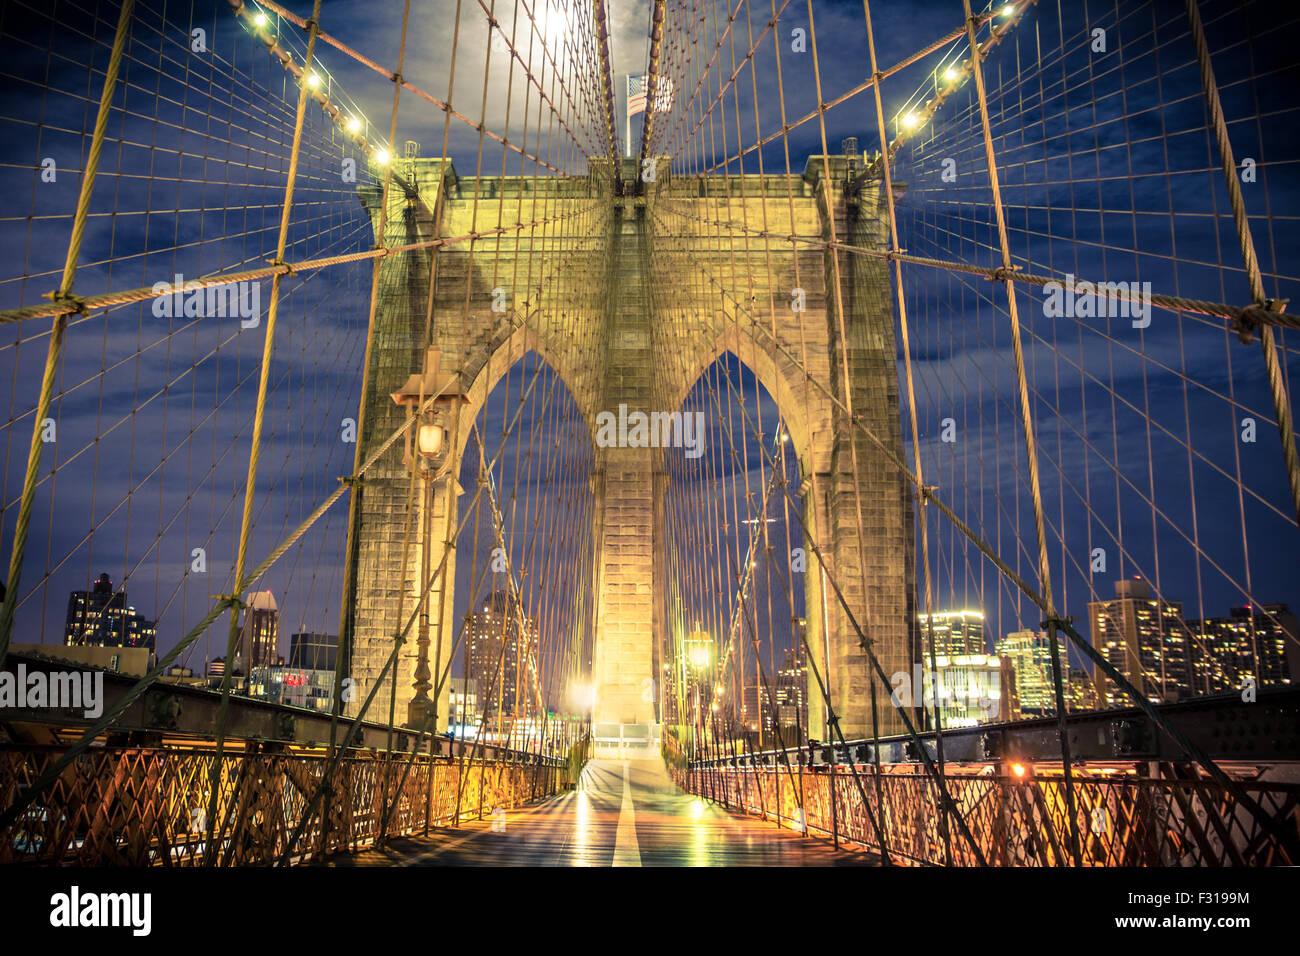 Ver histórico de Brooklyn Bridge de noche visto desde la pasarela peatonal Imagen De Stock